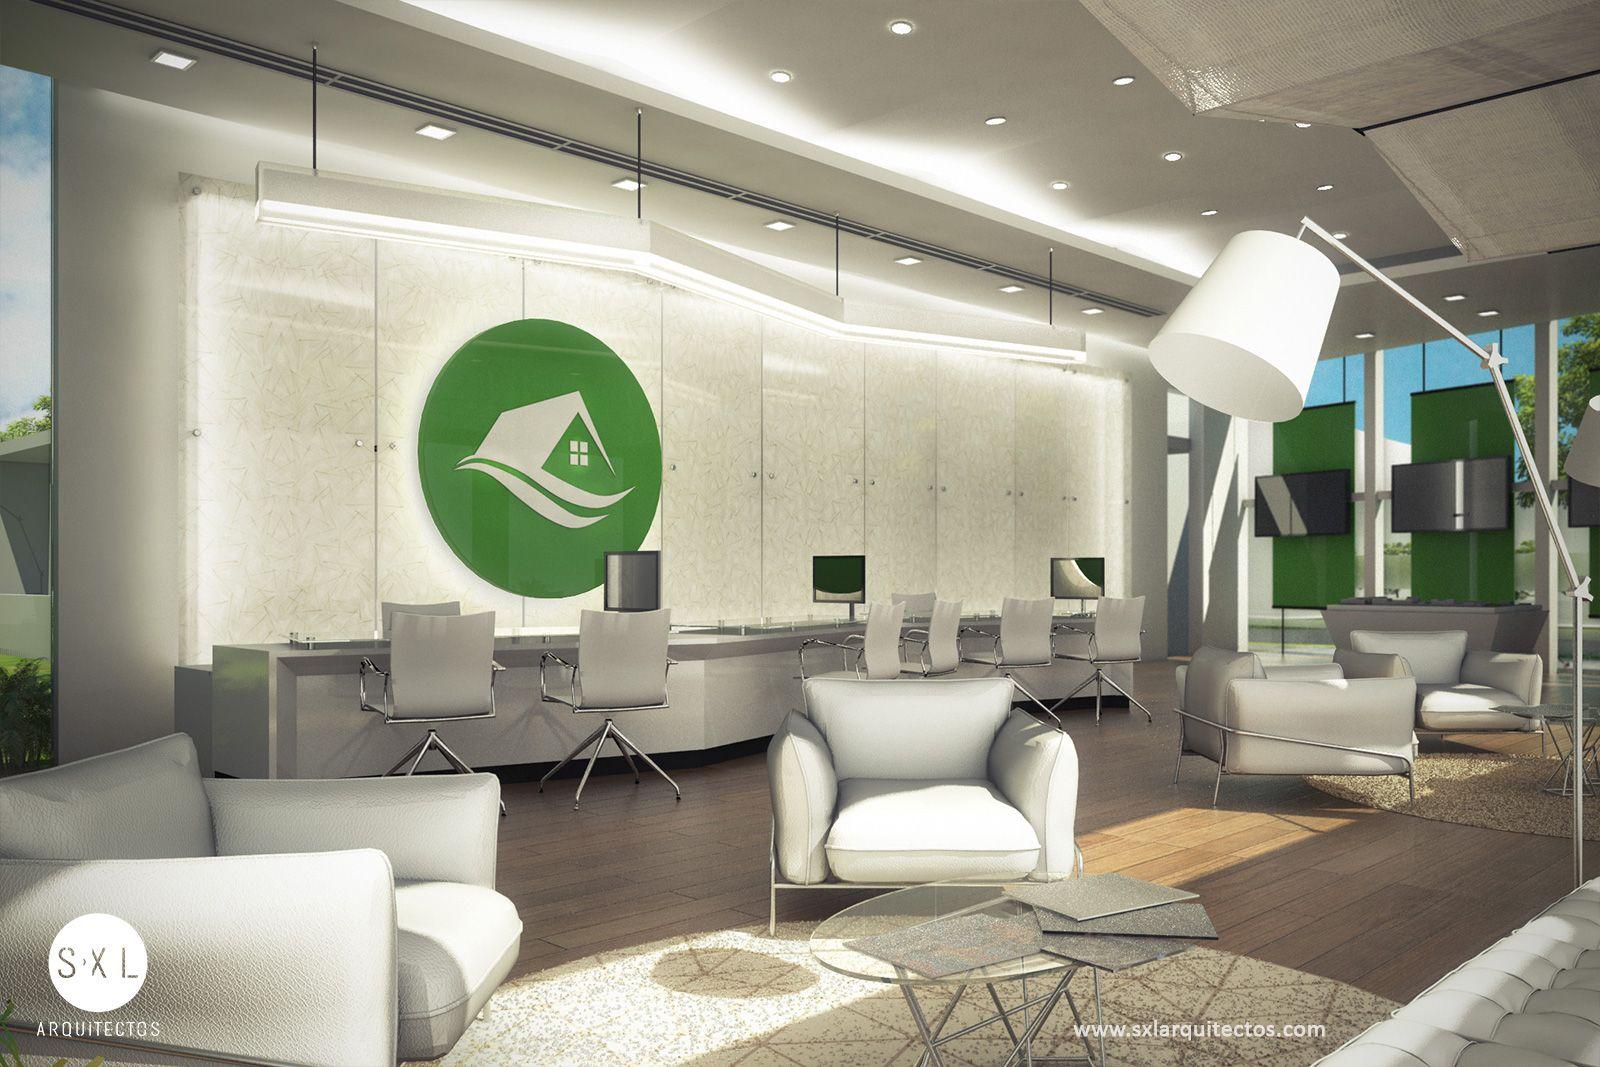 Dise o interior sala de ventas espacio de atenci n al for Espacio interior